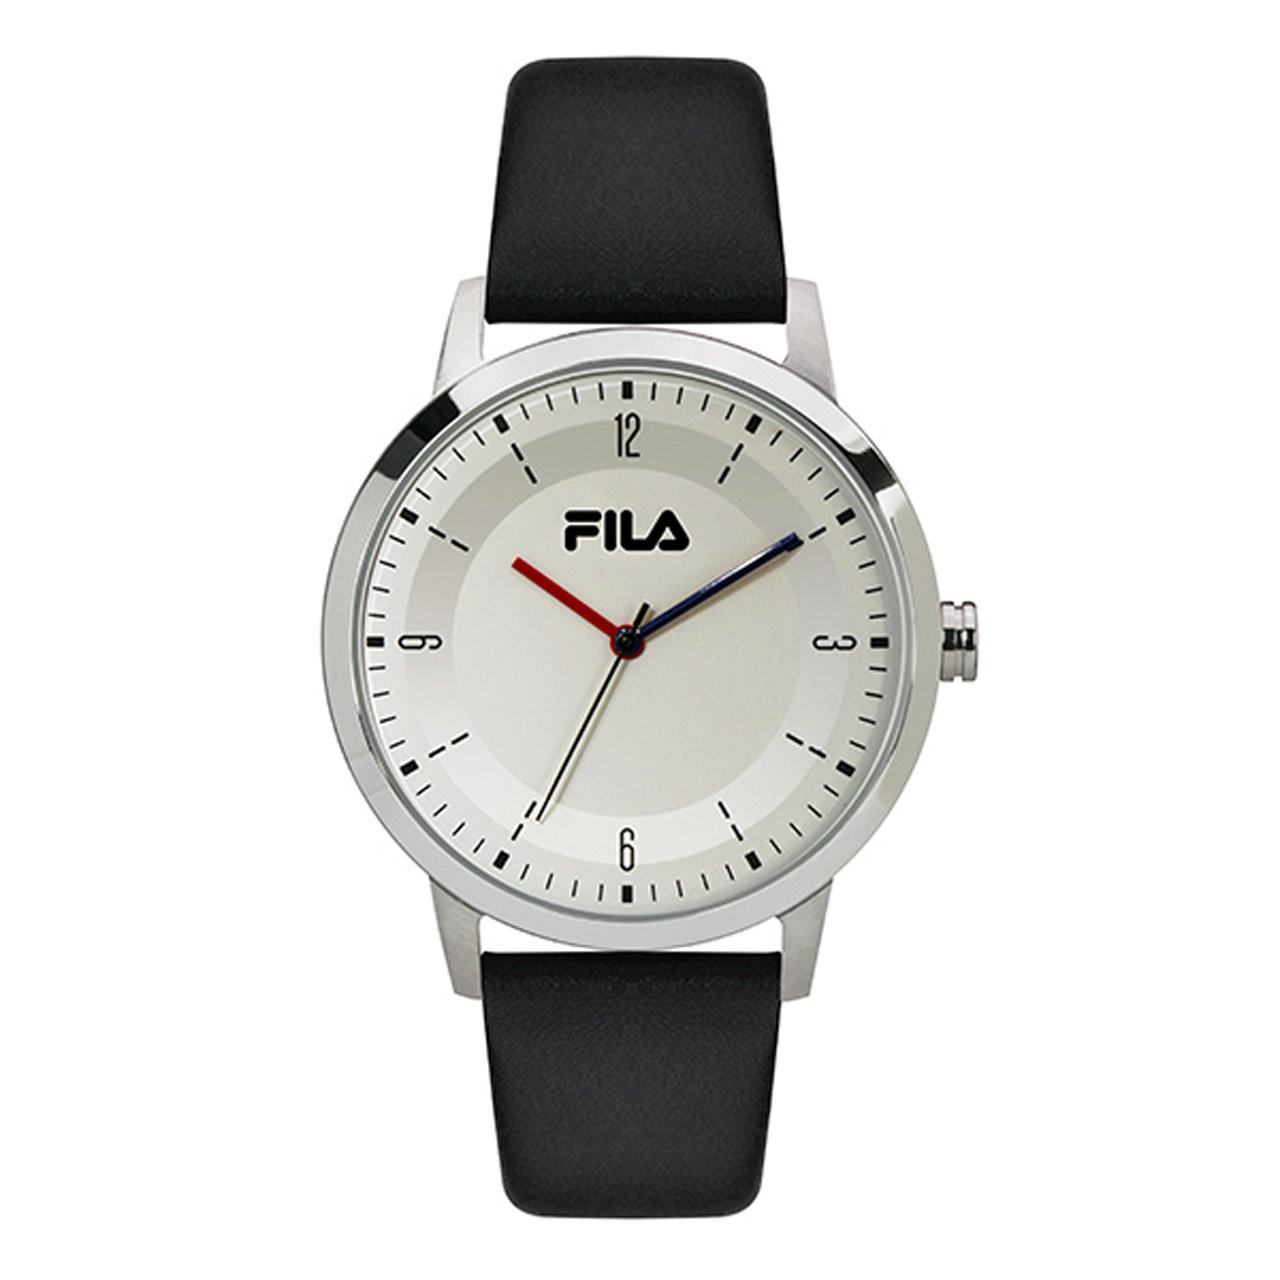 ساعت مچی عقربه ای فیلا مدل 38-153-002